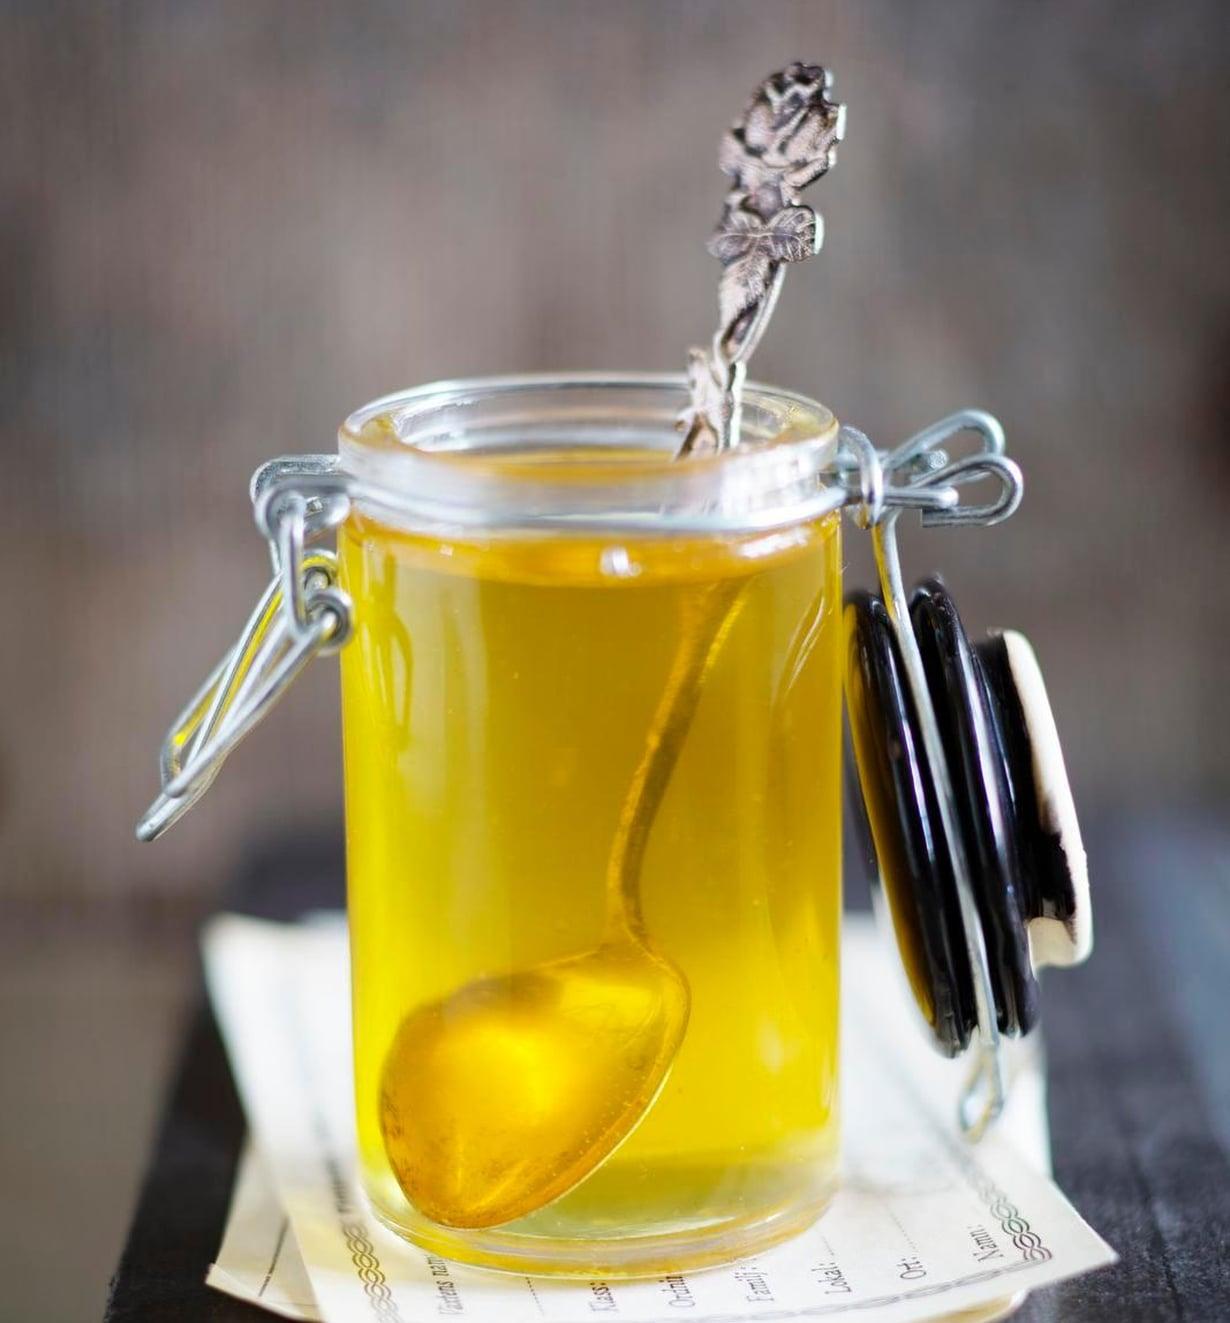 Voikukkasiirappia voi käyttää hunajan tapaan ruokien ja leivonnaisten makeuttajana. Se maistuu sellaisenaan myös esimerkiksi lettujen päällä.